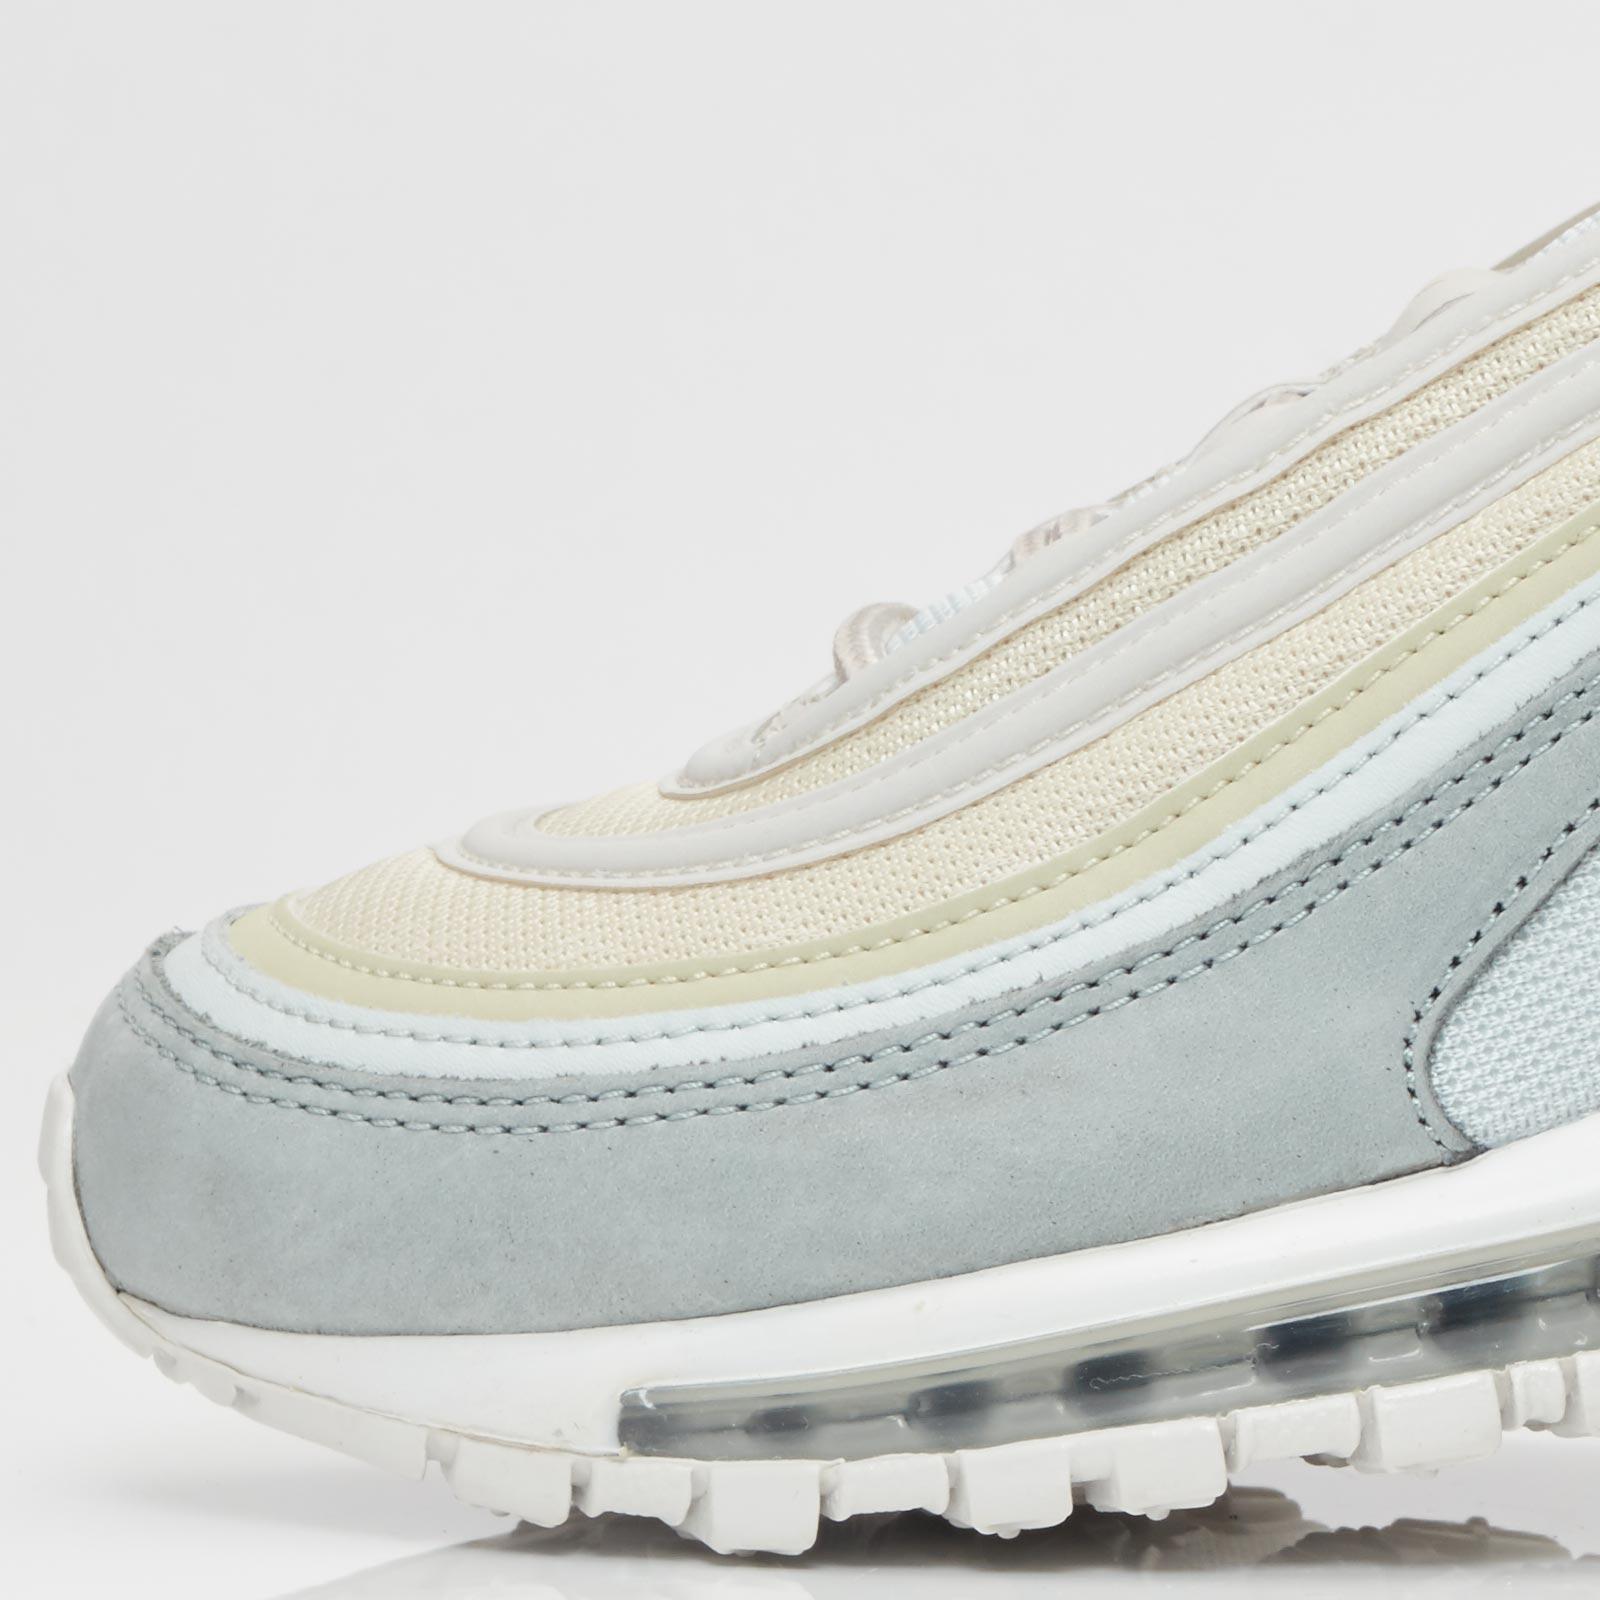 d59bdd448f Nike Air Max 97 Premium - 312834-004 - Sneakersnstuff   sneakers ...